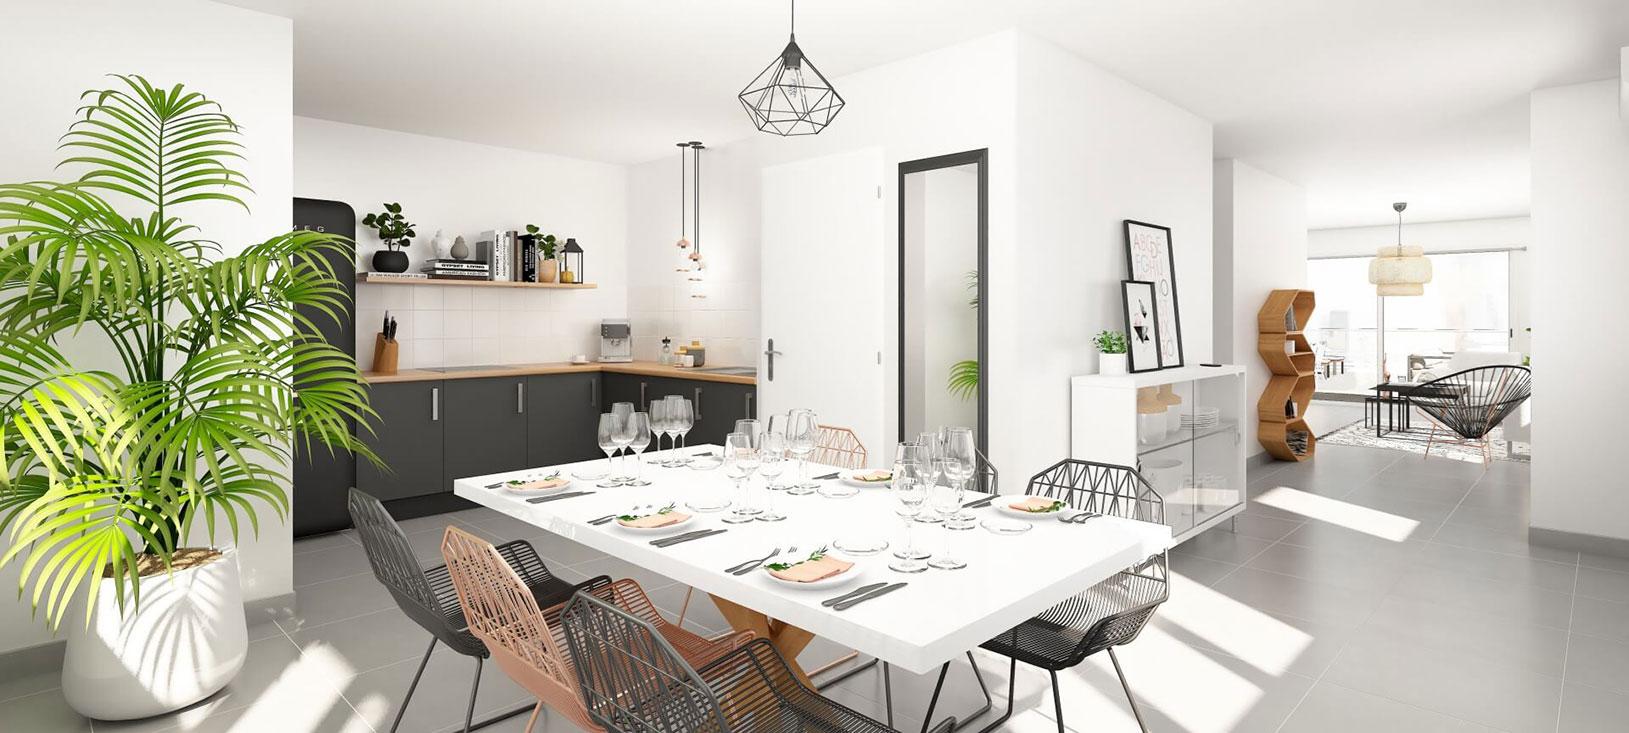 Exemple-aménagement-cuisine